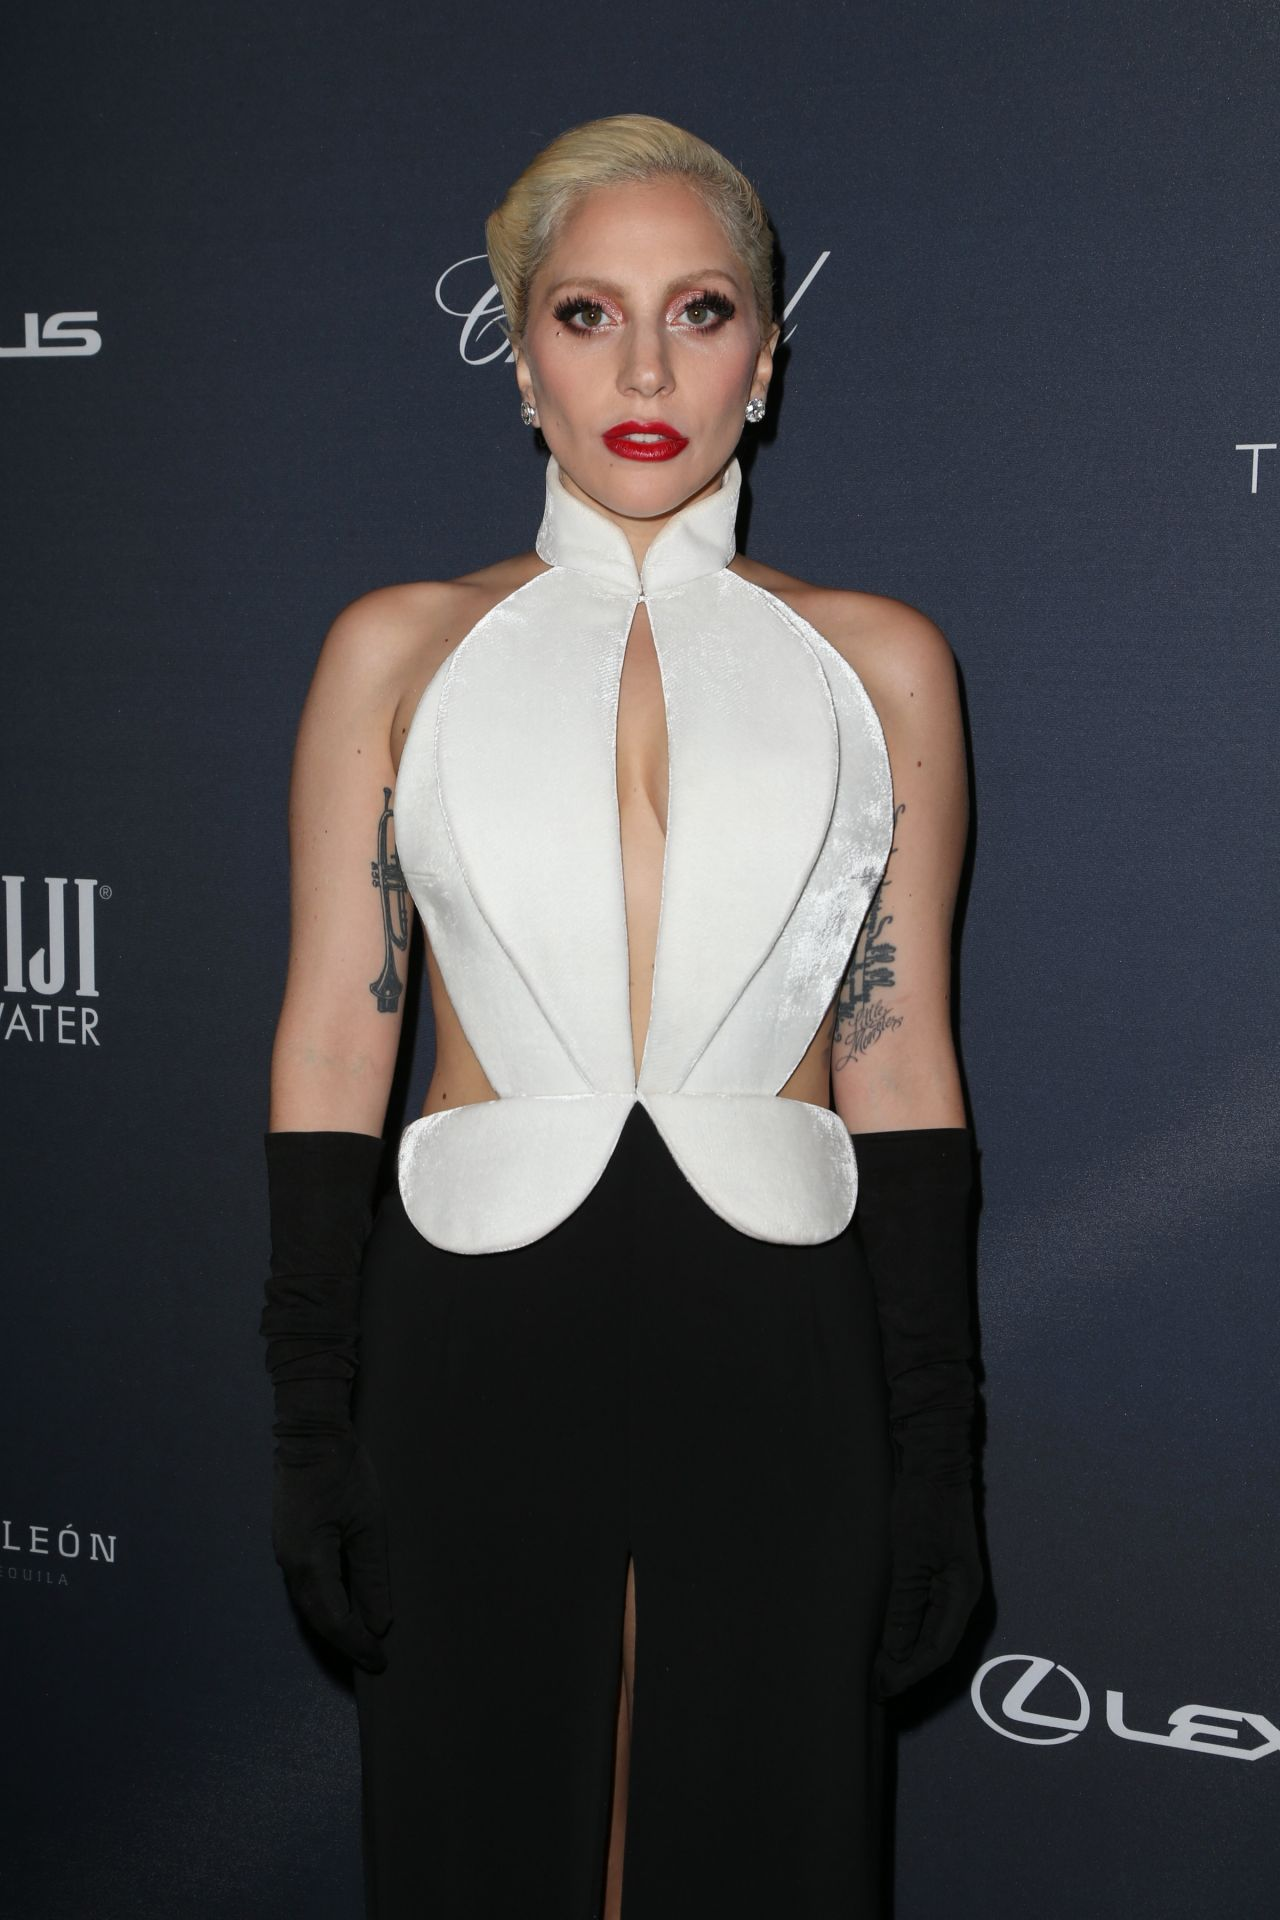 Lady Gaga Latest Photos - CelebMafia